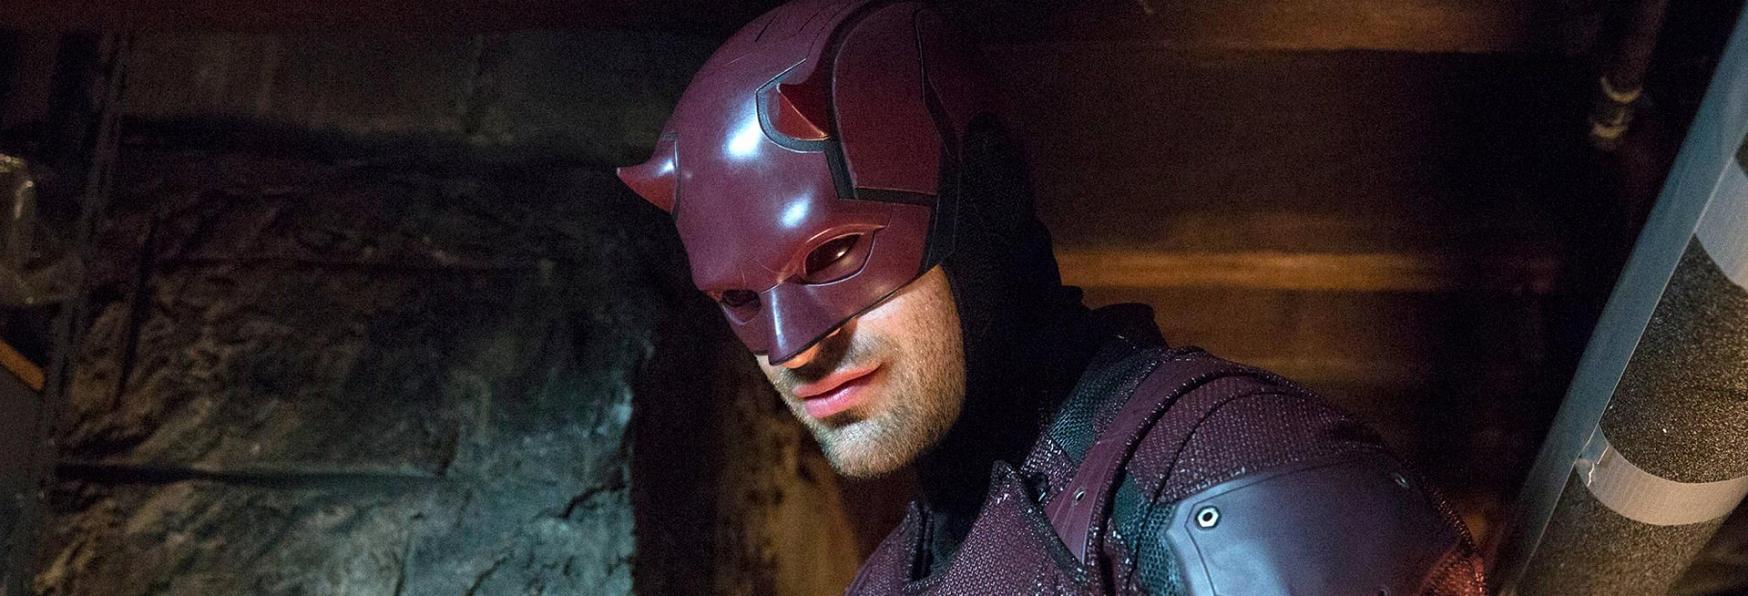 Daredevil: Marvel starebbe valutando un Reboot con gli Attori di Netflix